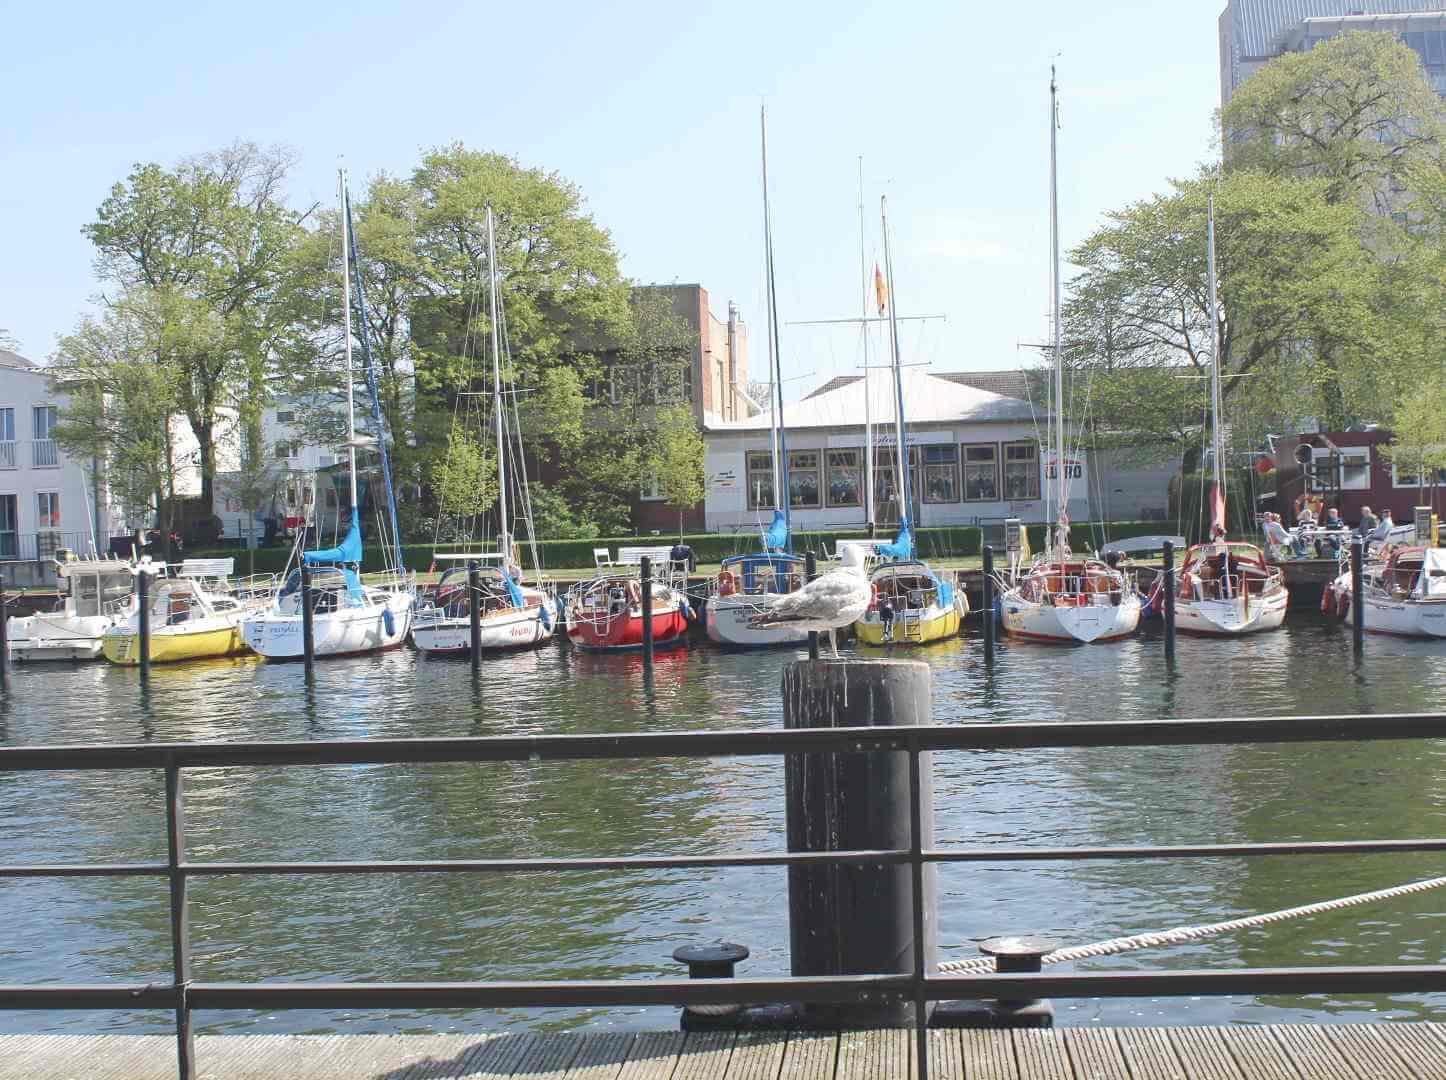 Blick von Promenade auf Segelboote in Yachthafen des alten Stroms in Warnemünde